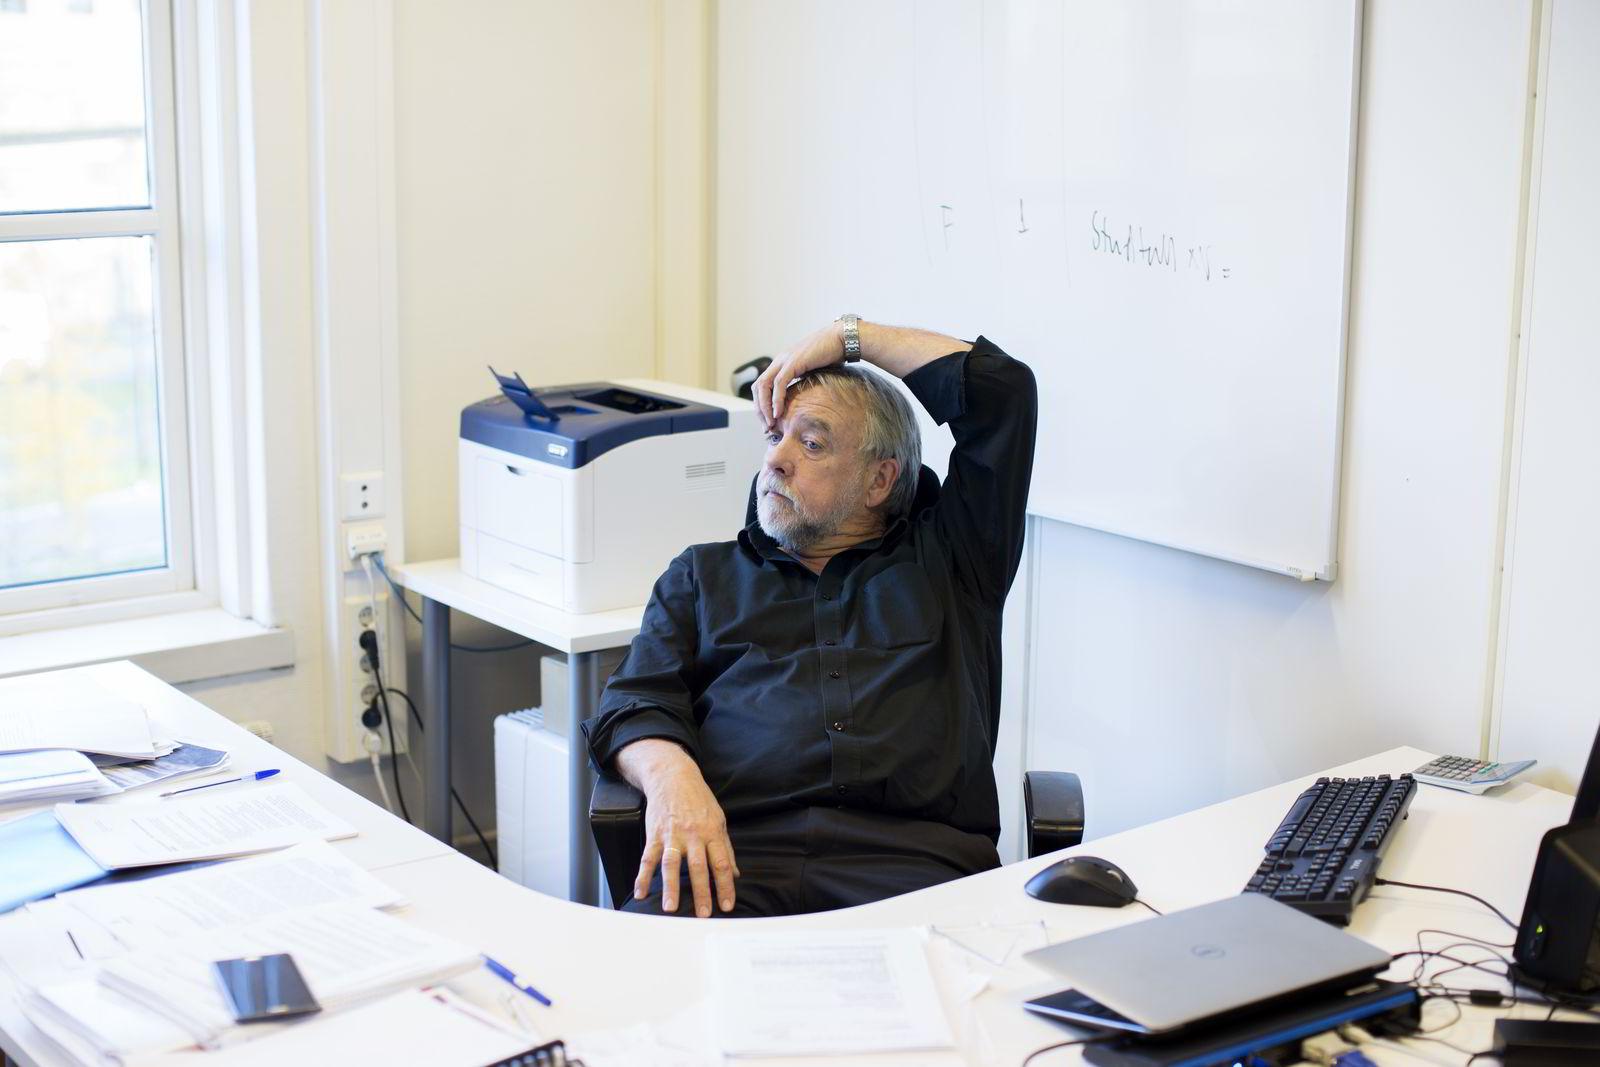 Rektor Bjørn Jarle Hanssen ved Westerdals Oslo ACT, har forsøkt å svare på studentenes spørsmål gjennom tre interne allmøter.